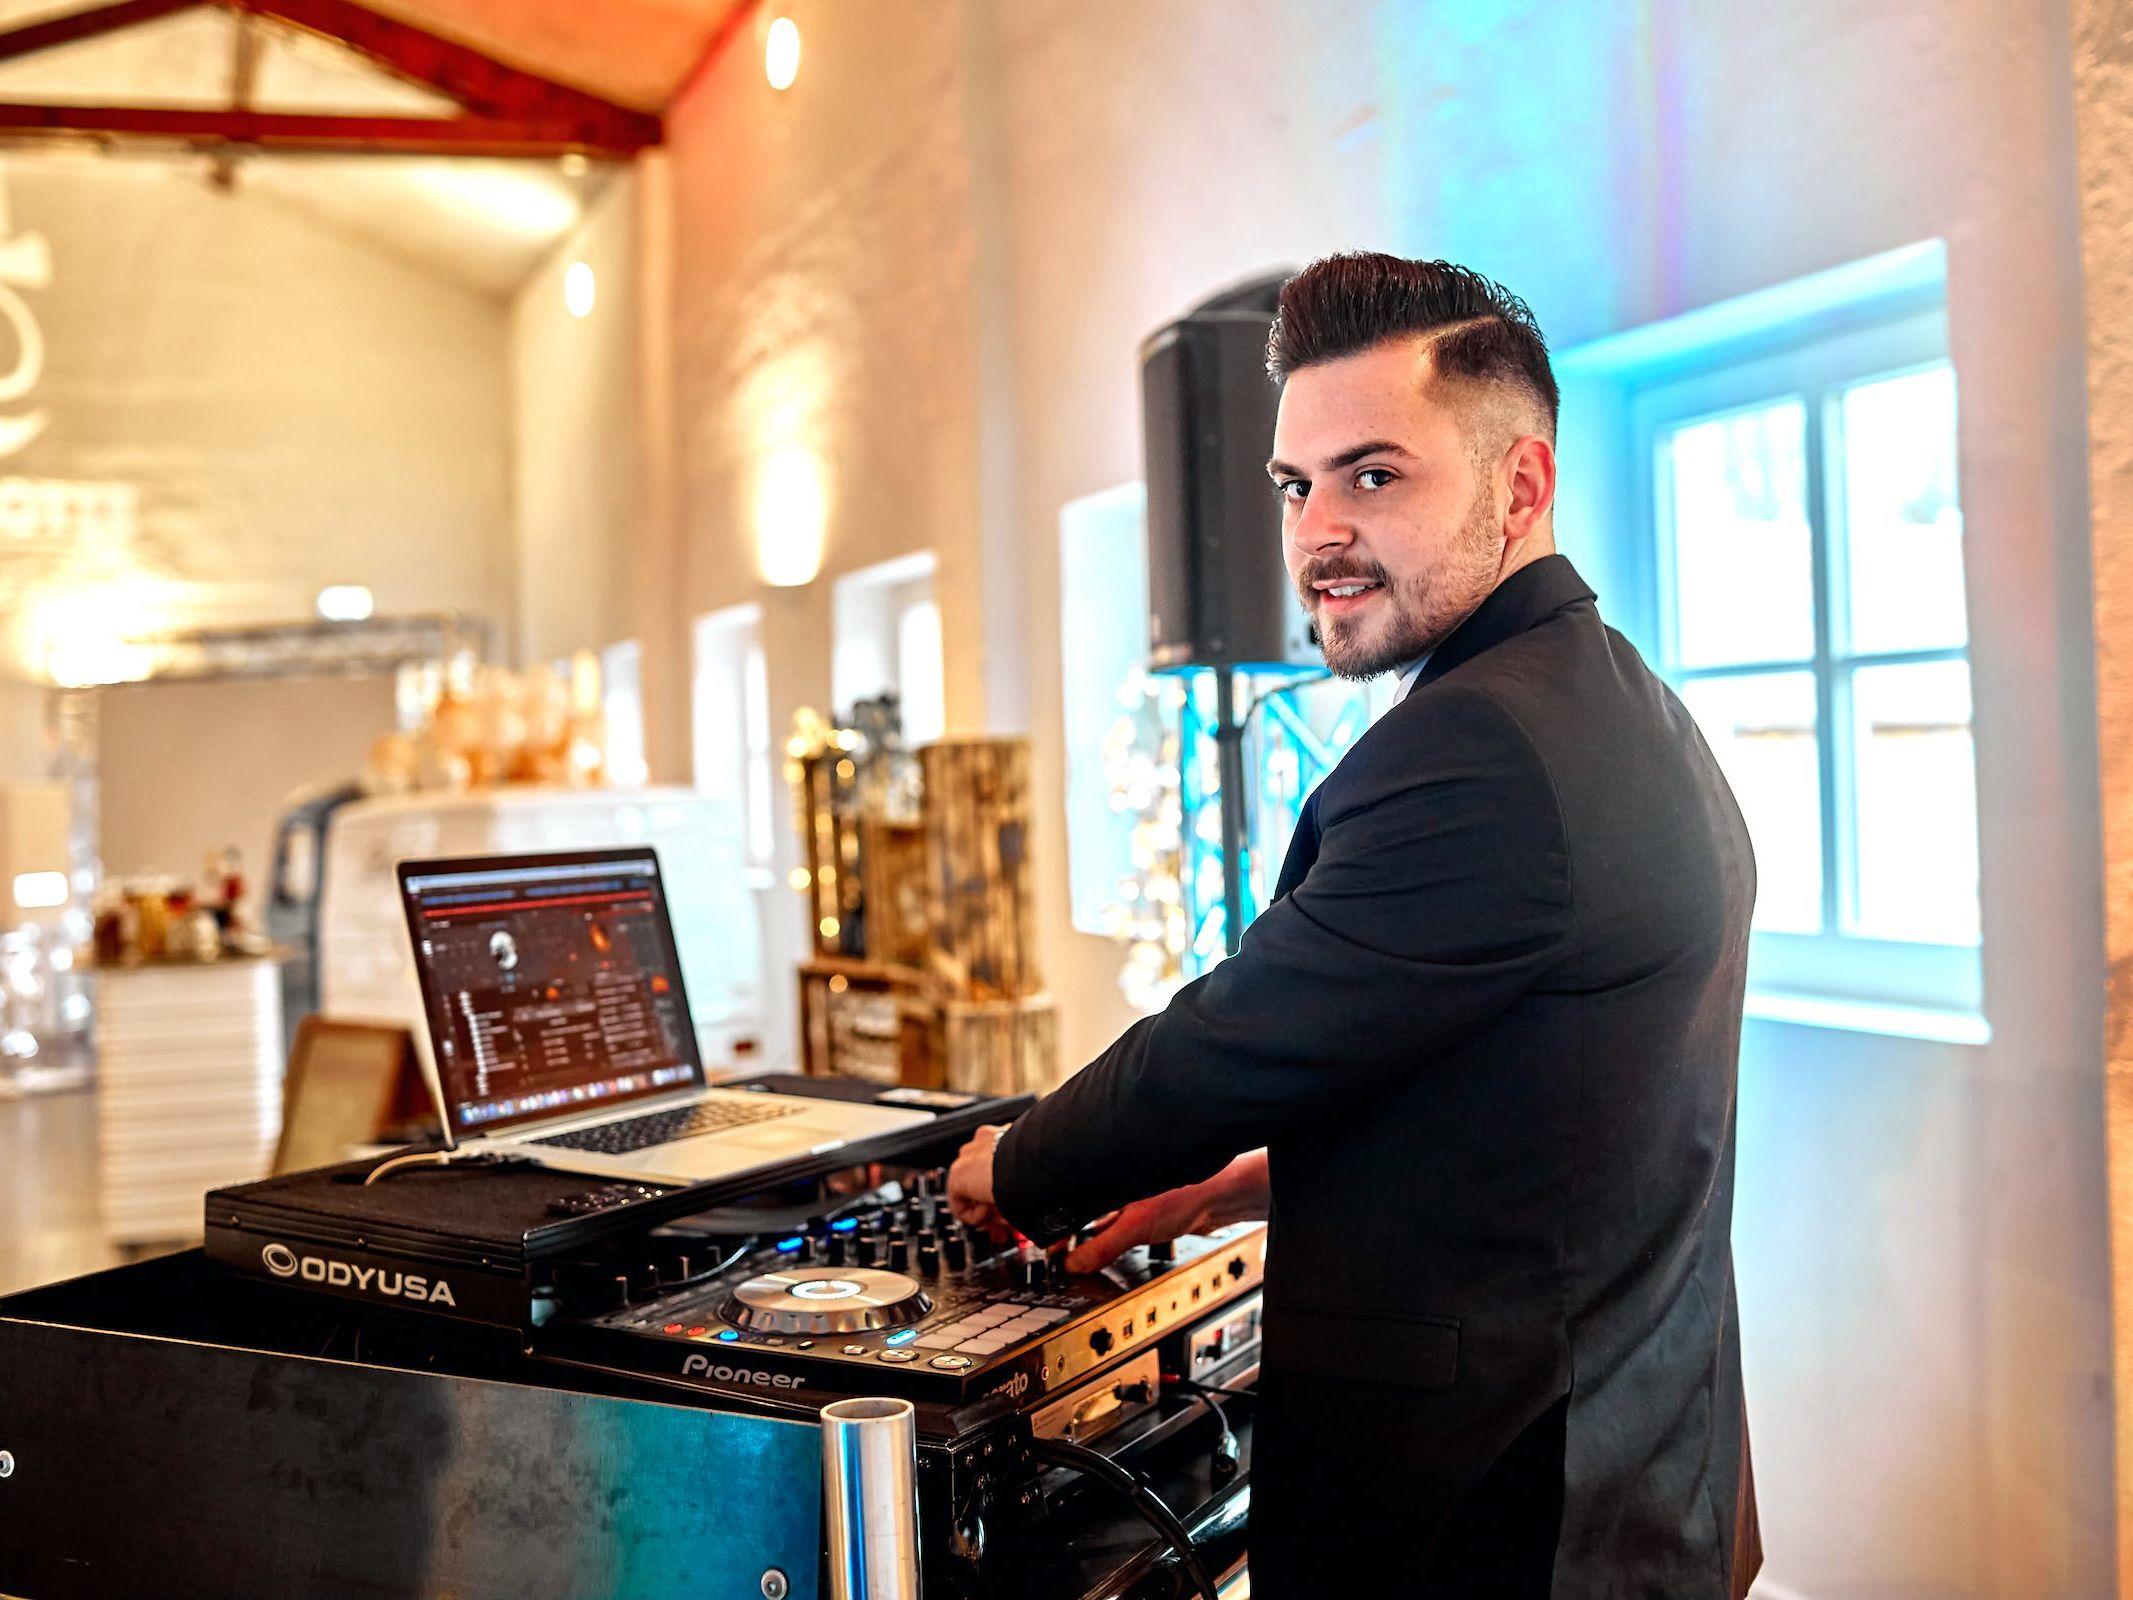 DJ | Hochzeit | Hannover | Marvin | Feike | Discjockey Messe | Event | DJ | Geburtstag | Betriebsfeier | Buchen | Discjockey | Mieten | Anfragen | Lehmann | Eventservice